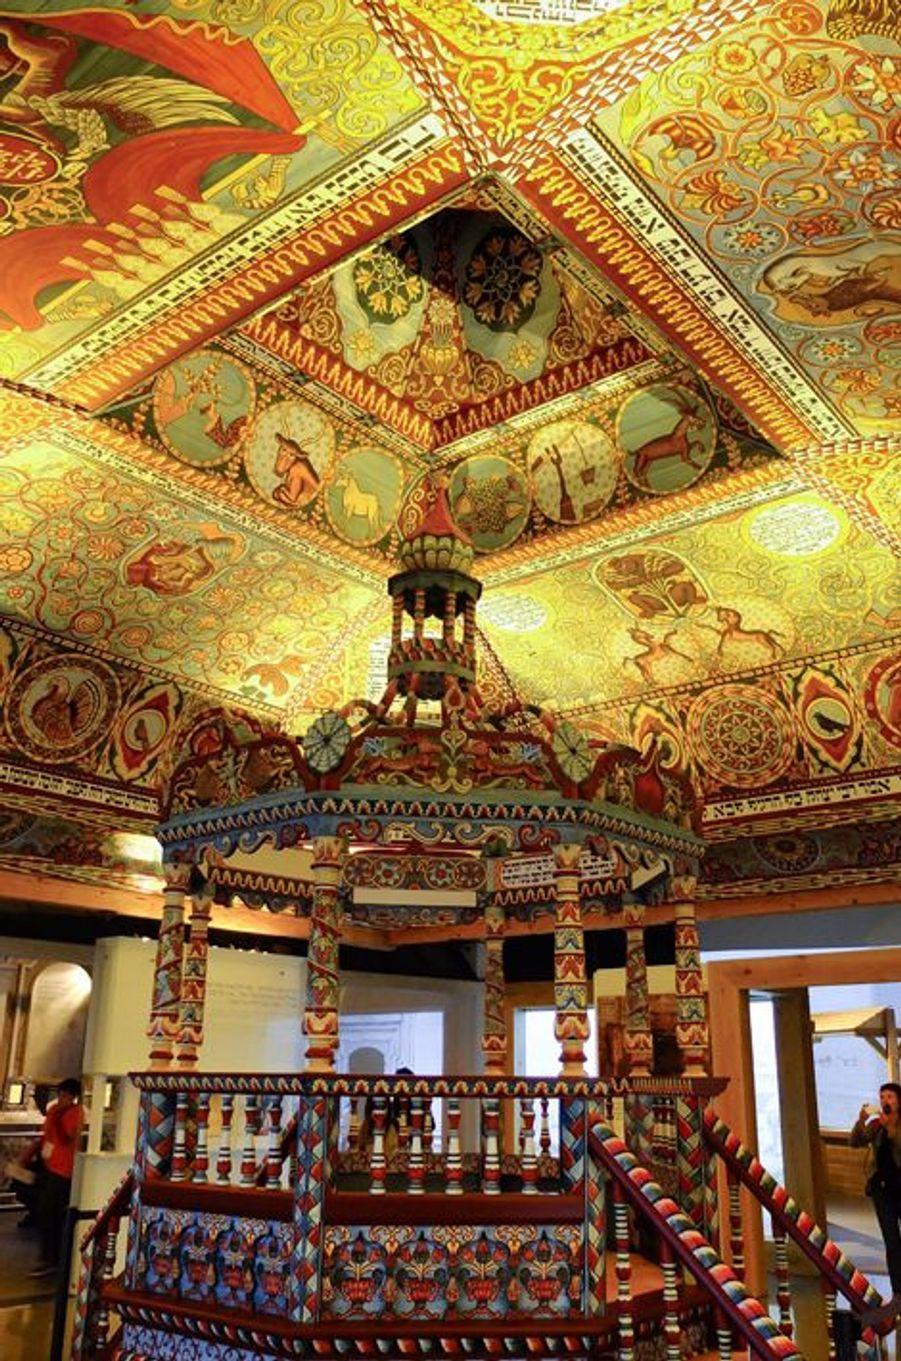 Une splendide reconstruction d'un fragment de décor du plafond de la synagogue de bois de Gwozdziec.